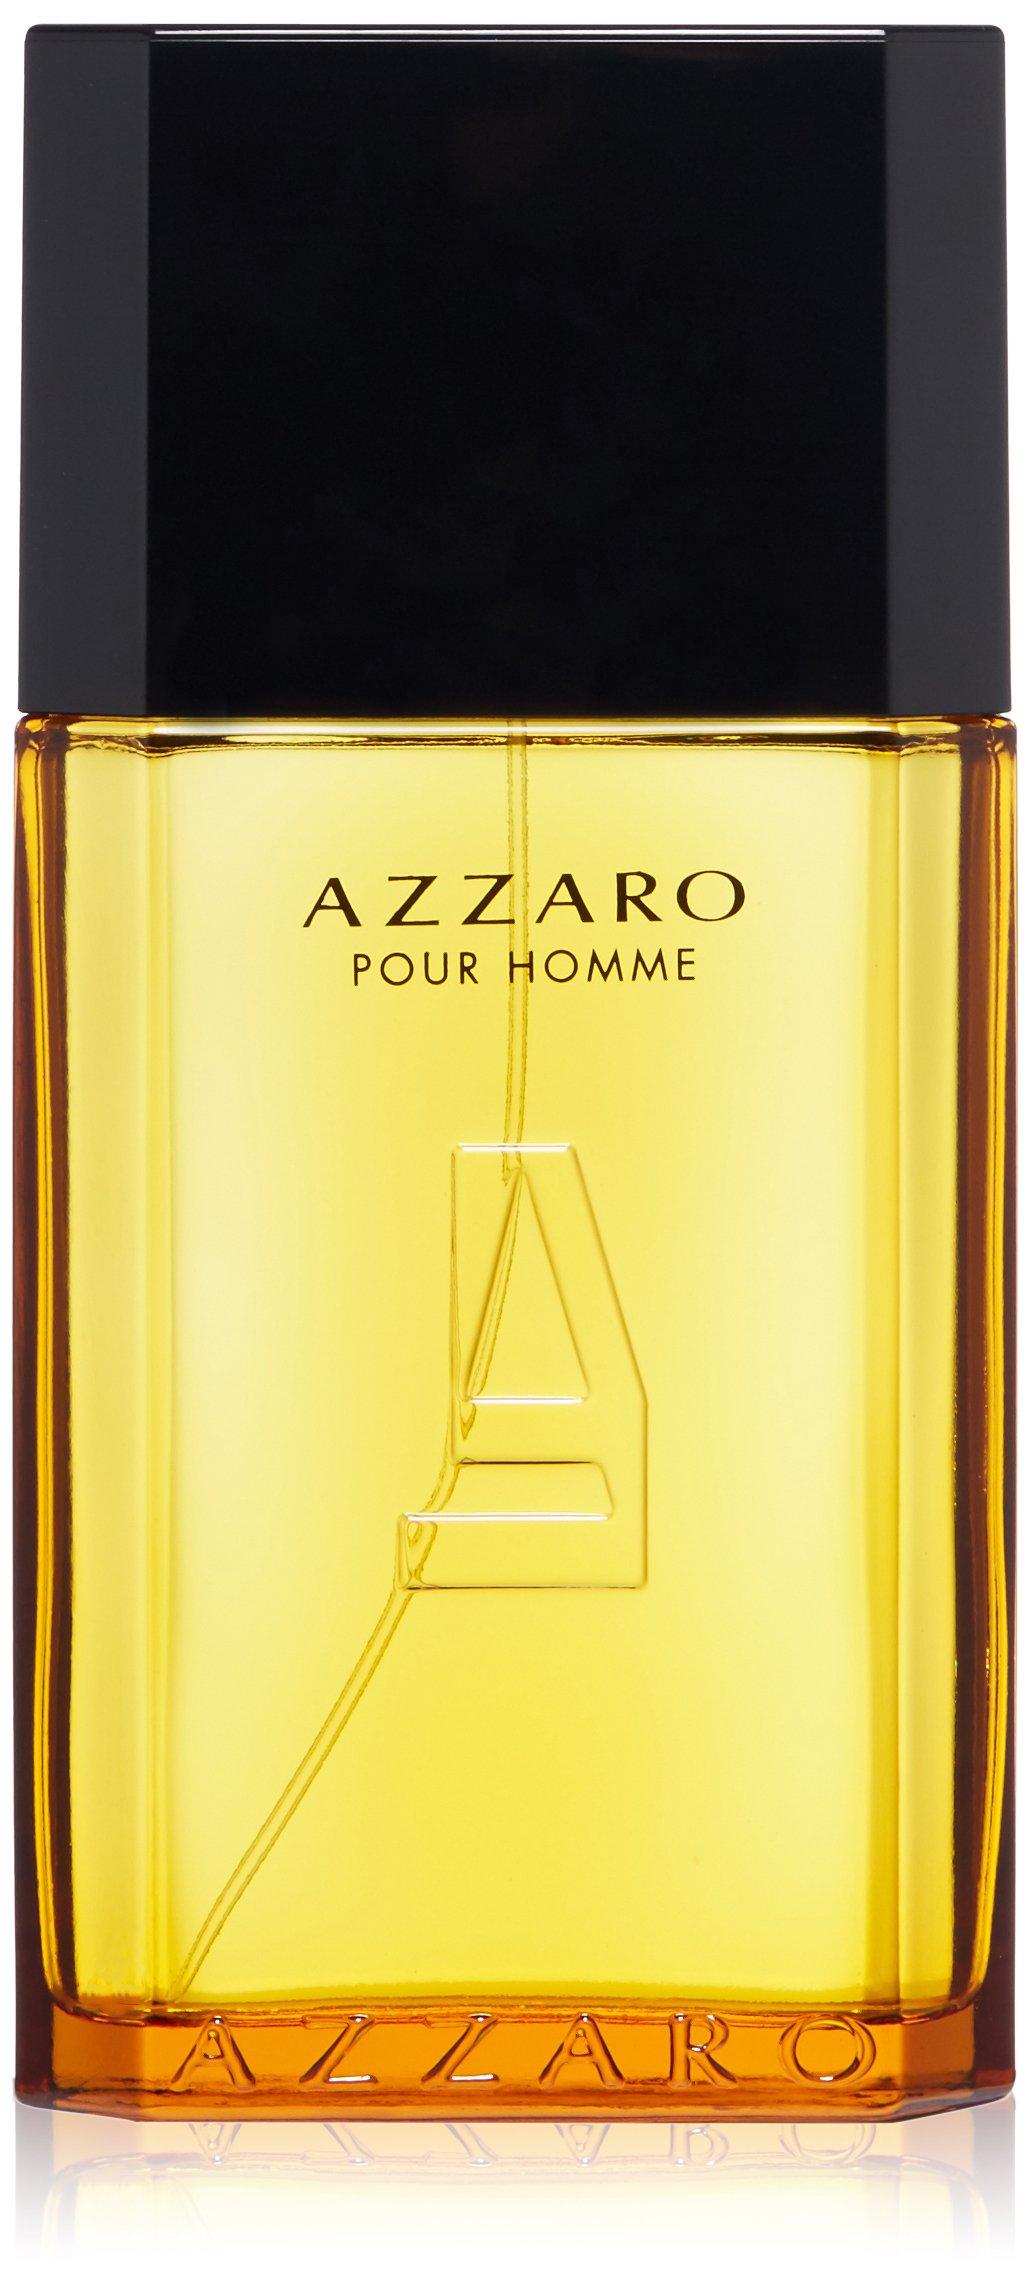 Azzaro Pour Homme Eau de Toilette Spray, 6.8 Fl Oz